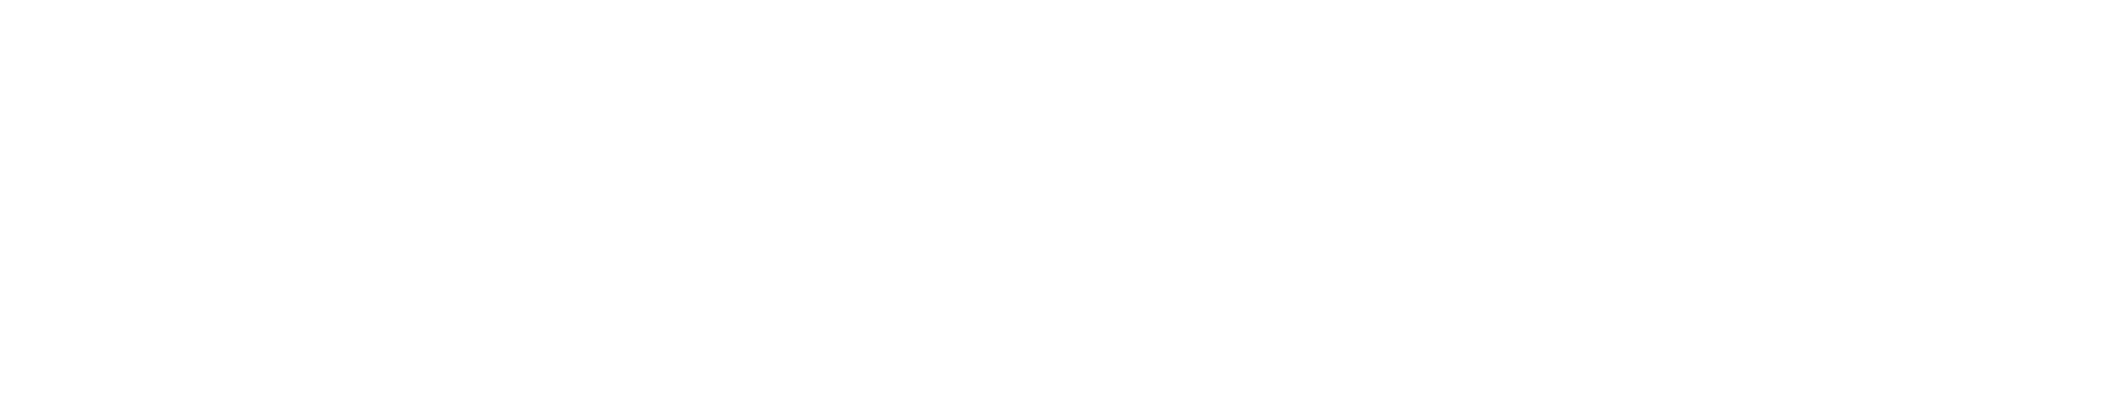 copieur-icone